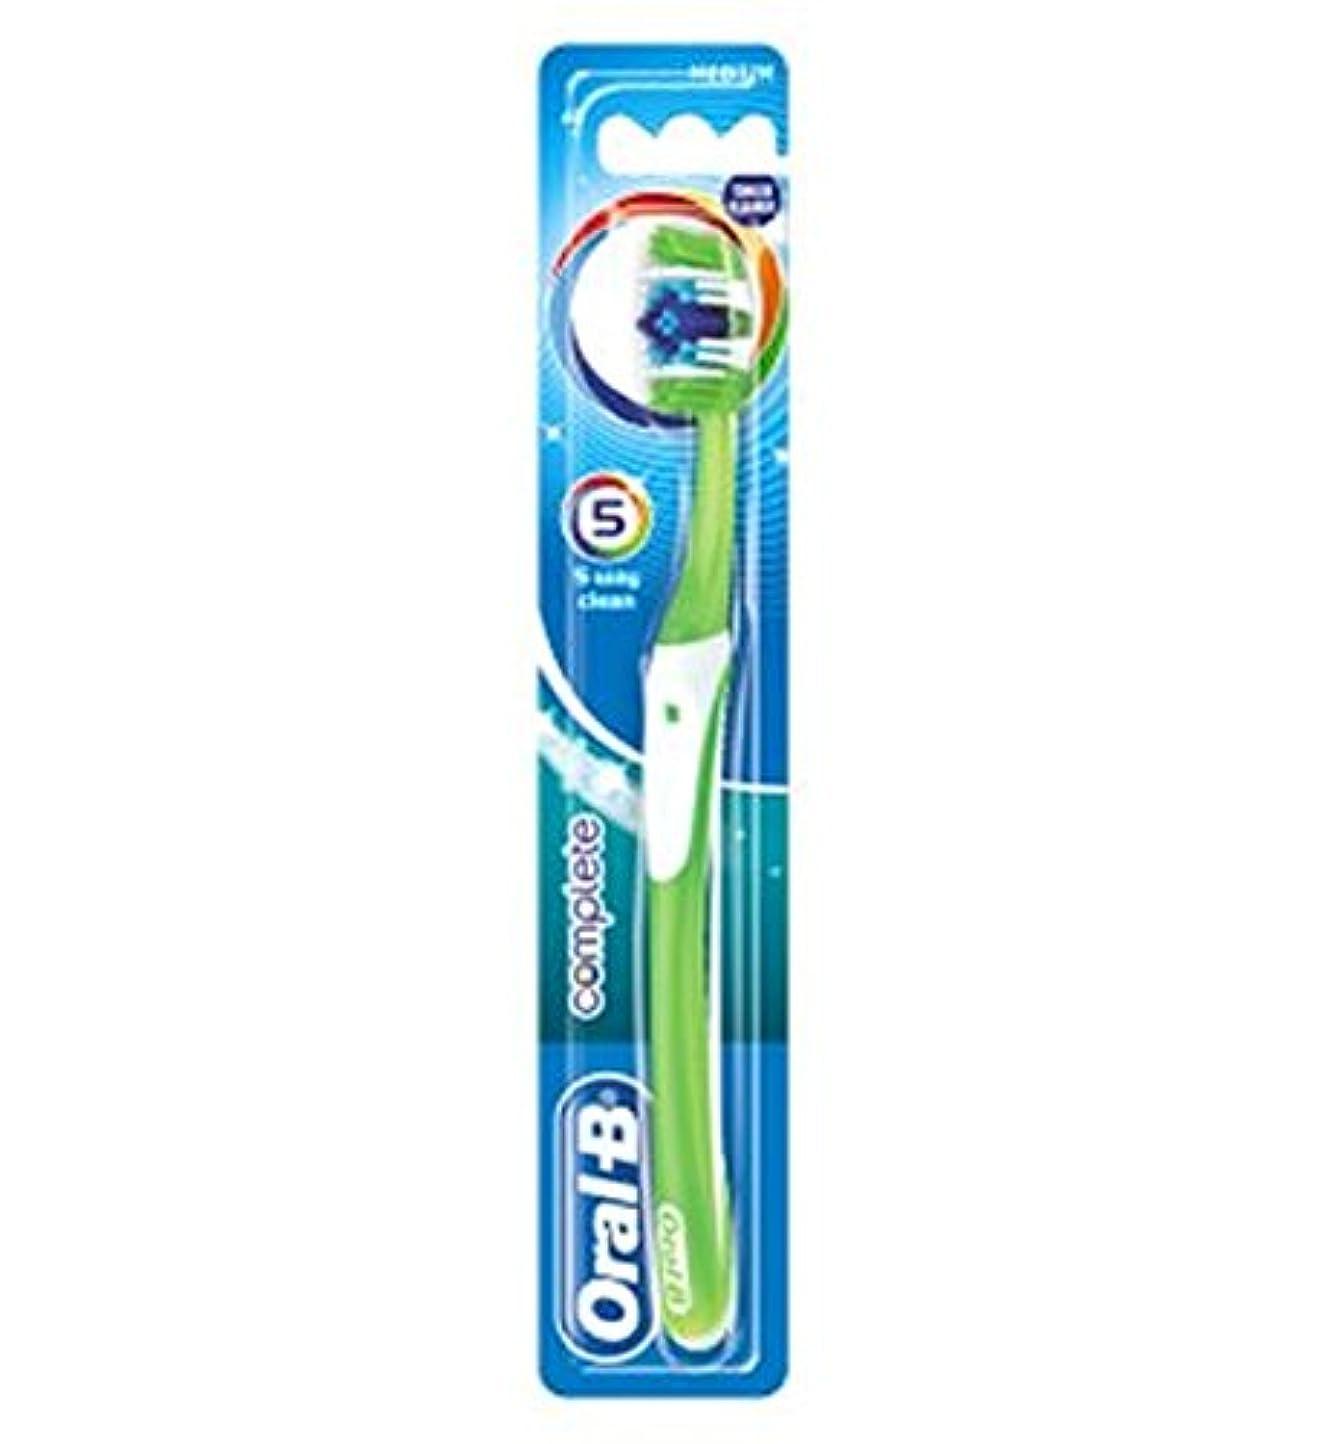 暫定のアナニバー最愛のオーラルBの完全な5道クリーンなメディアの手動歯ブラシ (Oral B) (x2) - Oral-B Complete 5 Way Clean Medium Manual Toothbrush (Pack of 2) [...